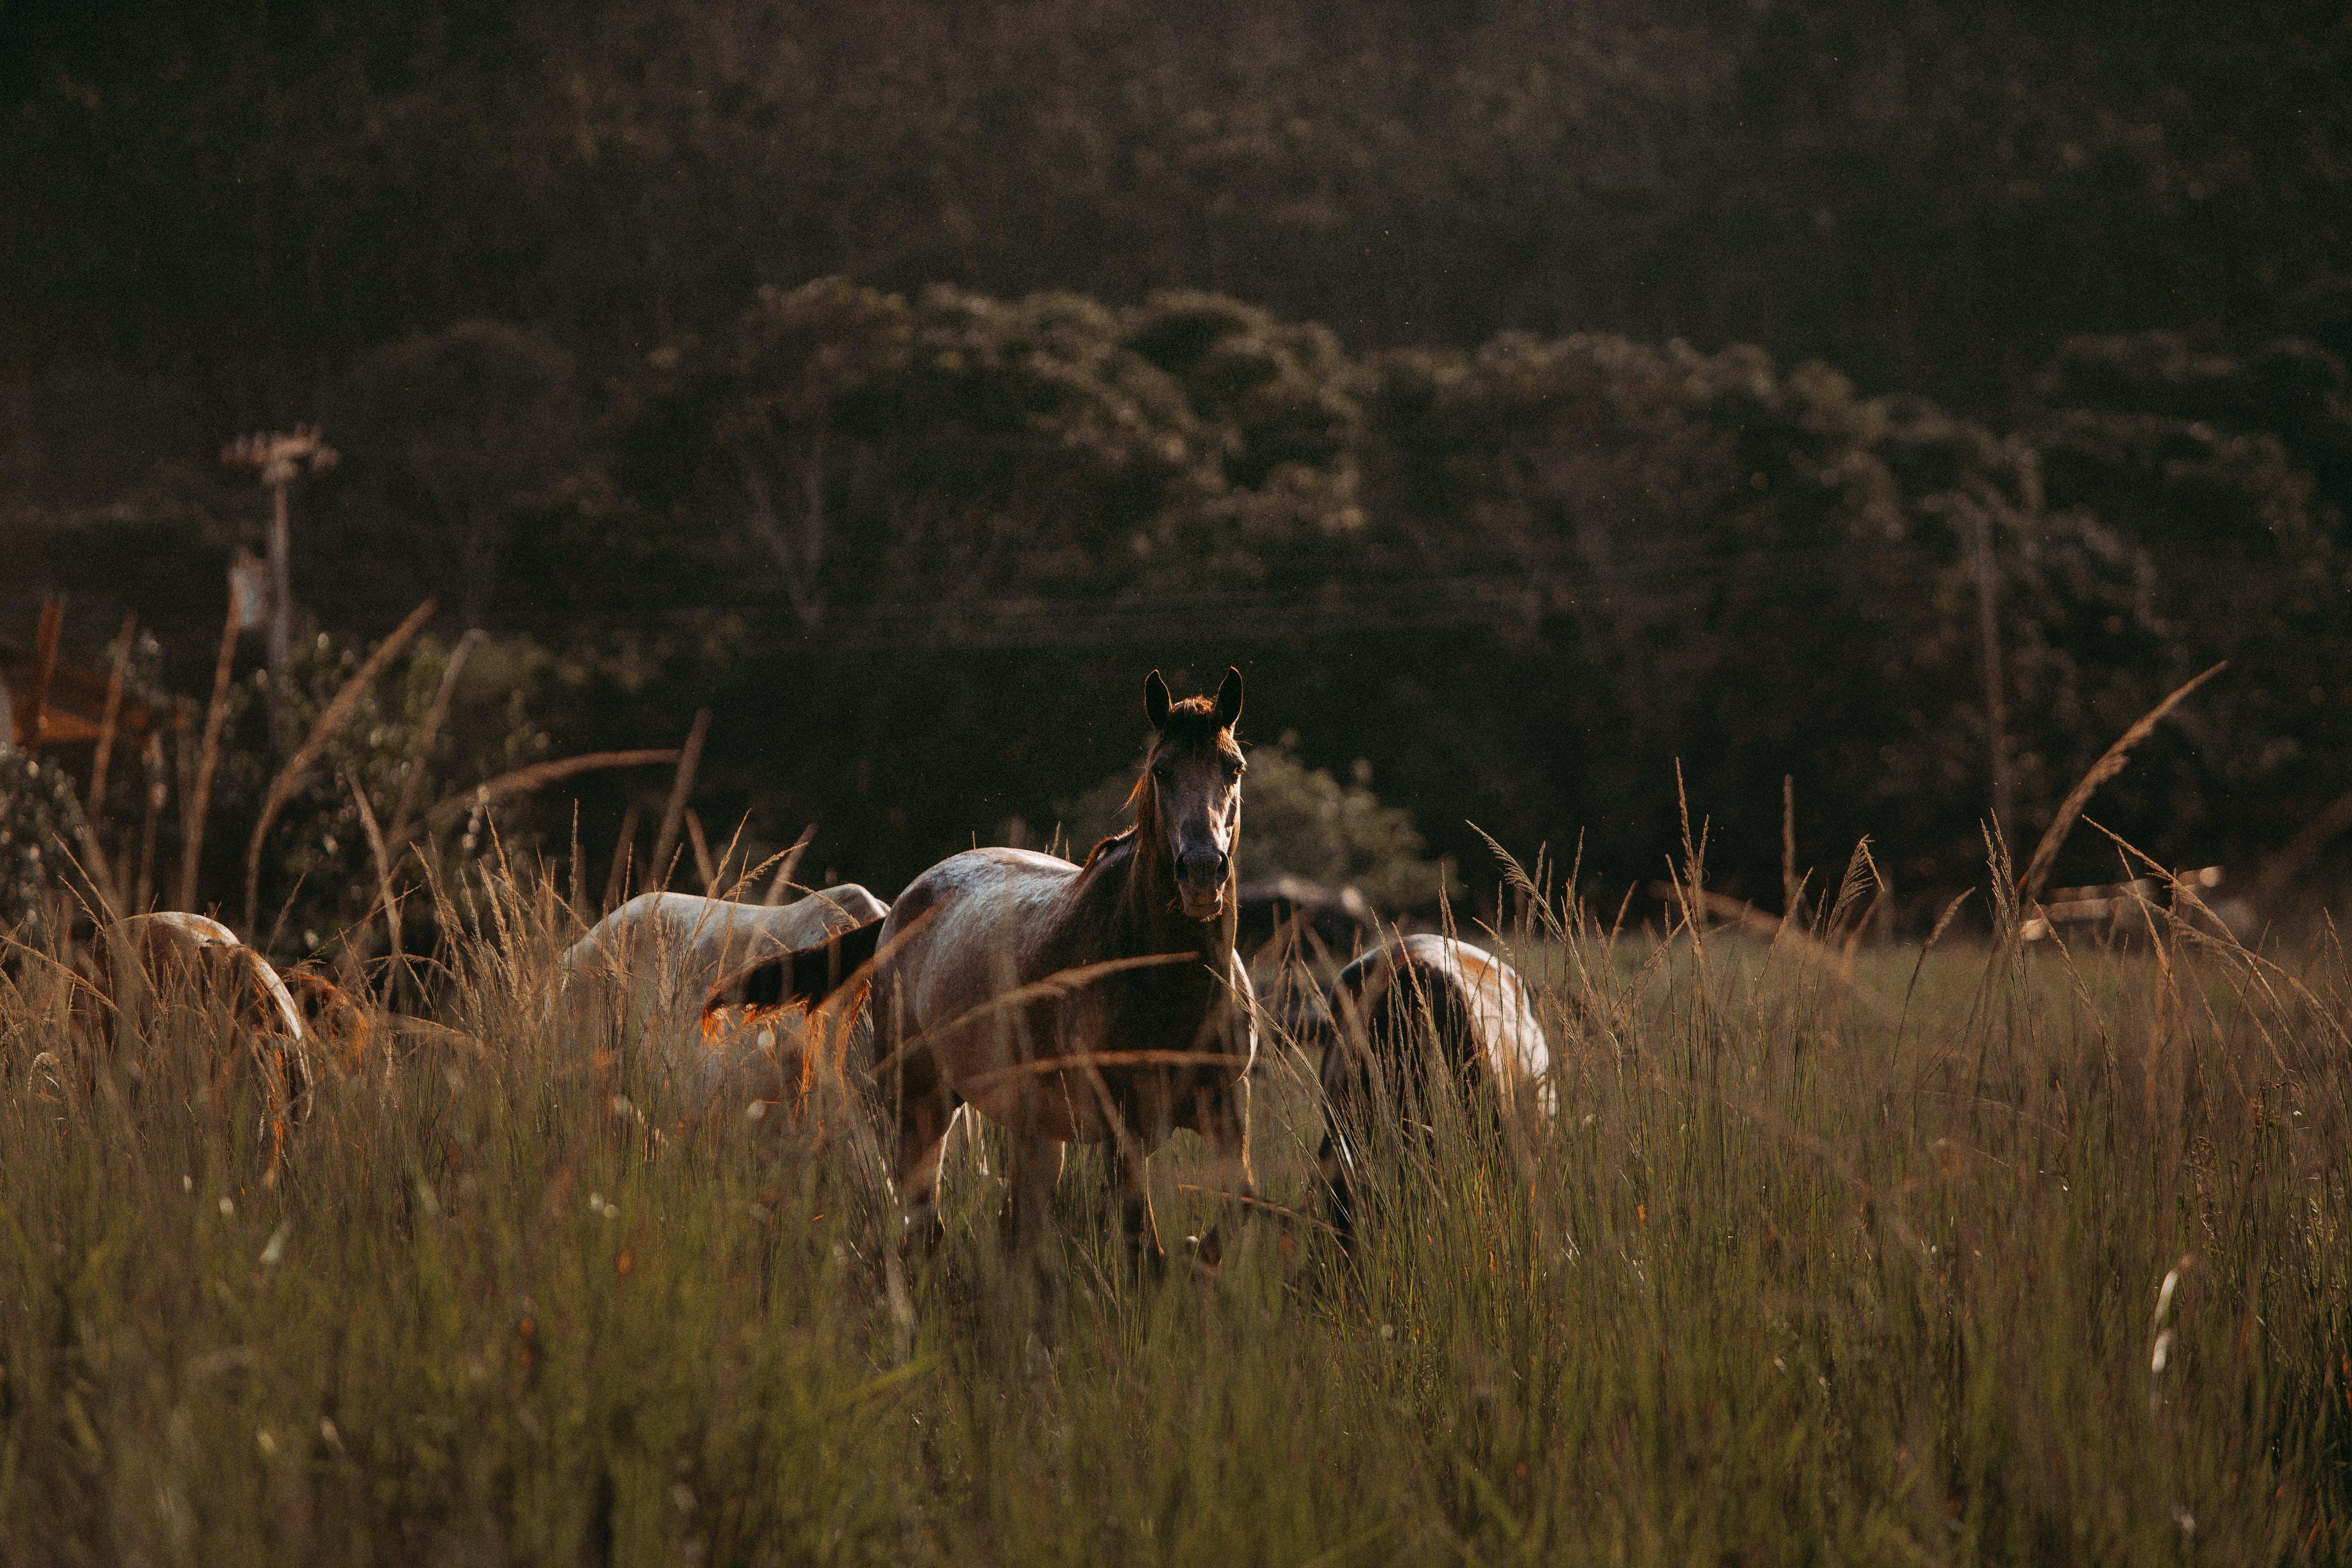 Brown Horse On Grassland